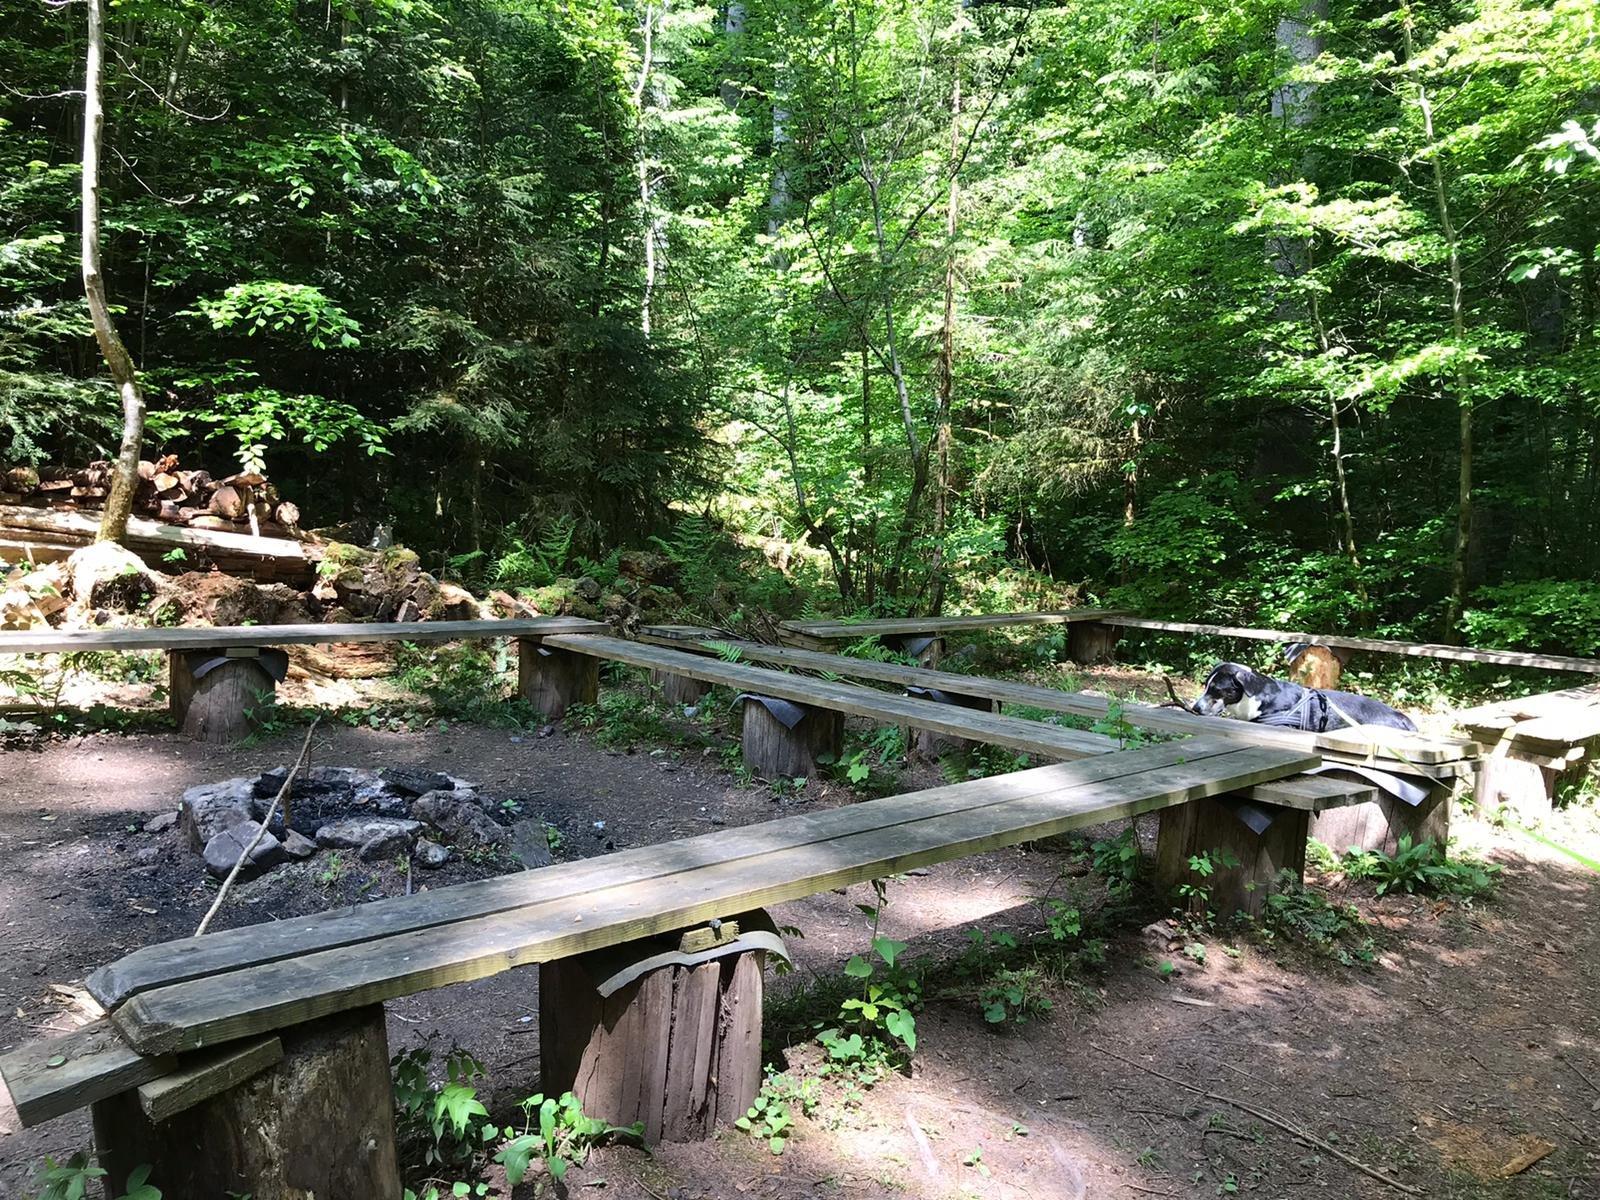 Grillplatz mit Sitzbänken im Wald